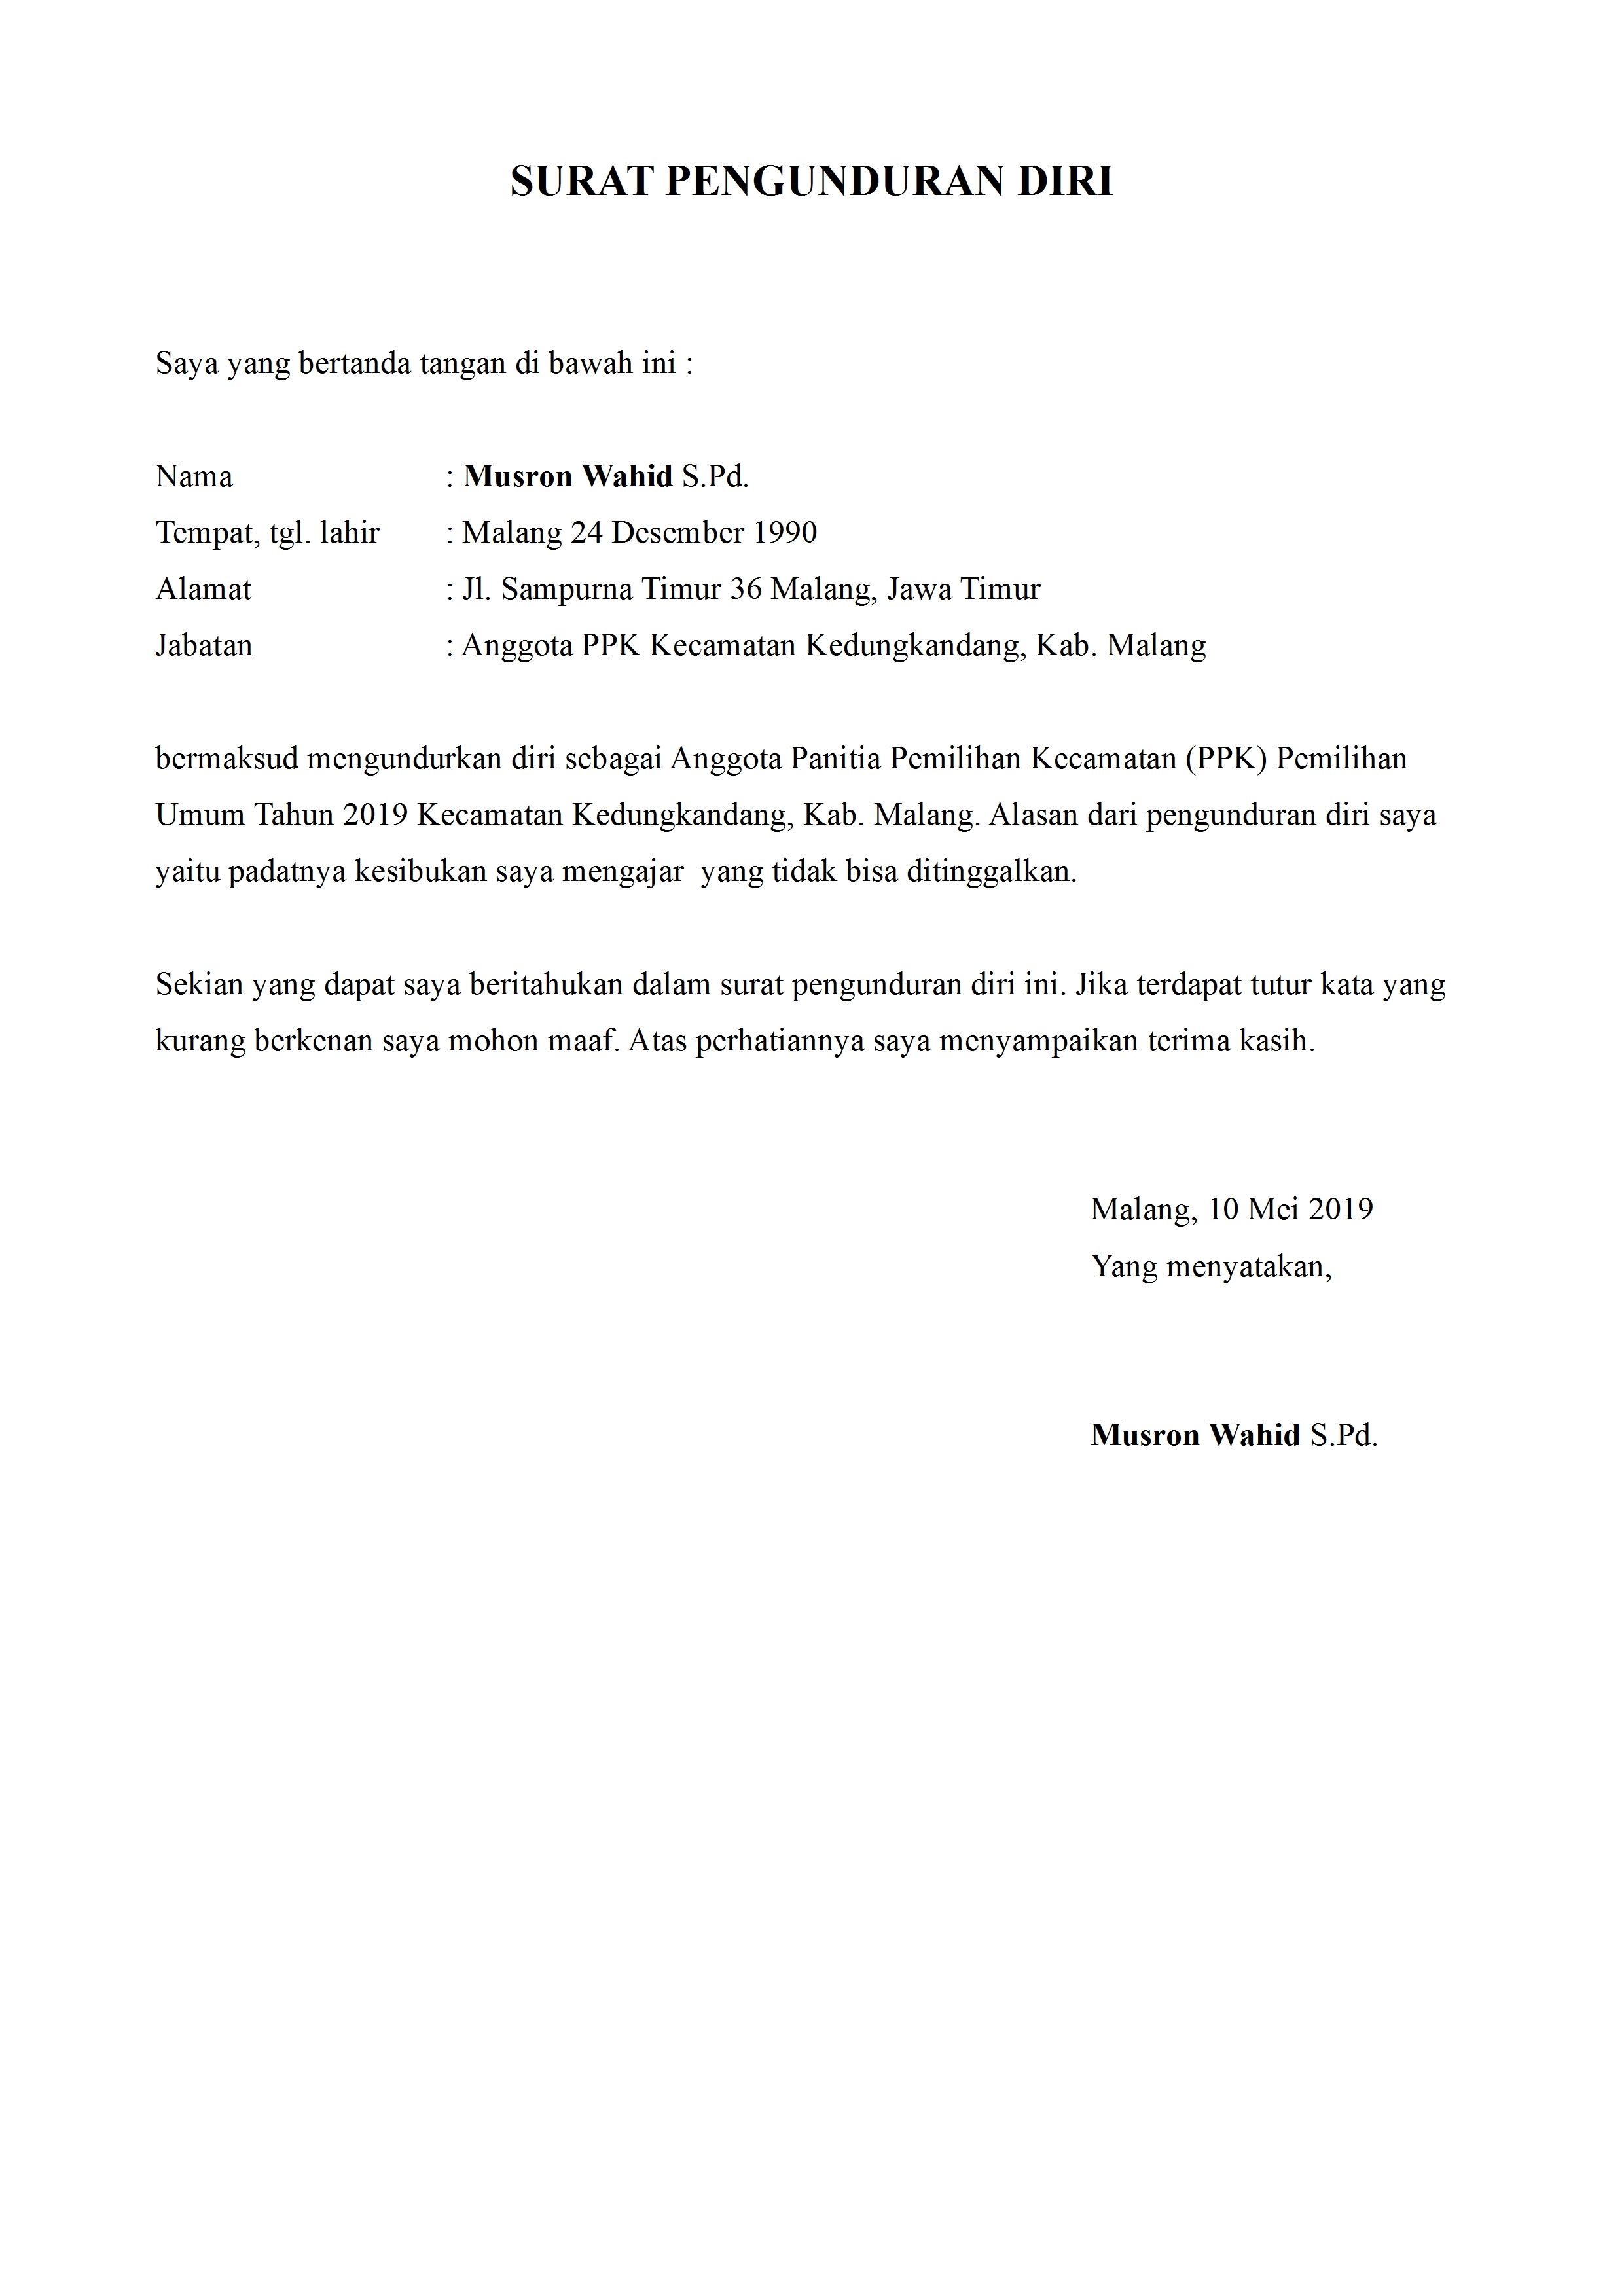 Contoh Surat Pengunduran Diri Panitia Pemilihan Umum ...